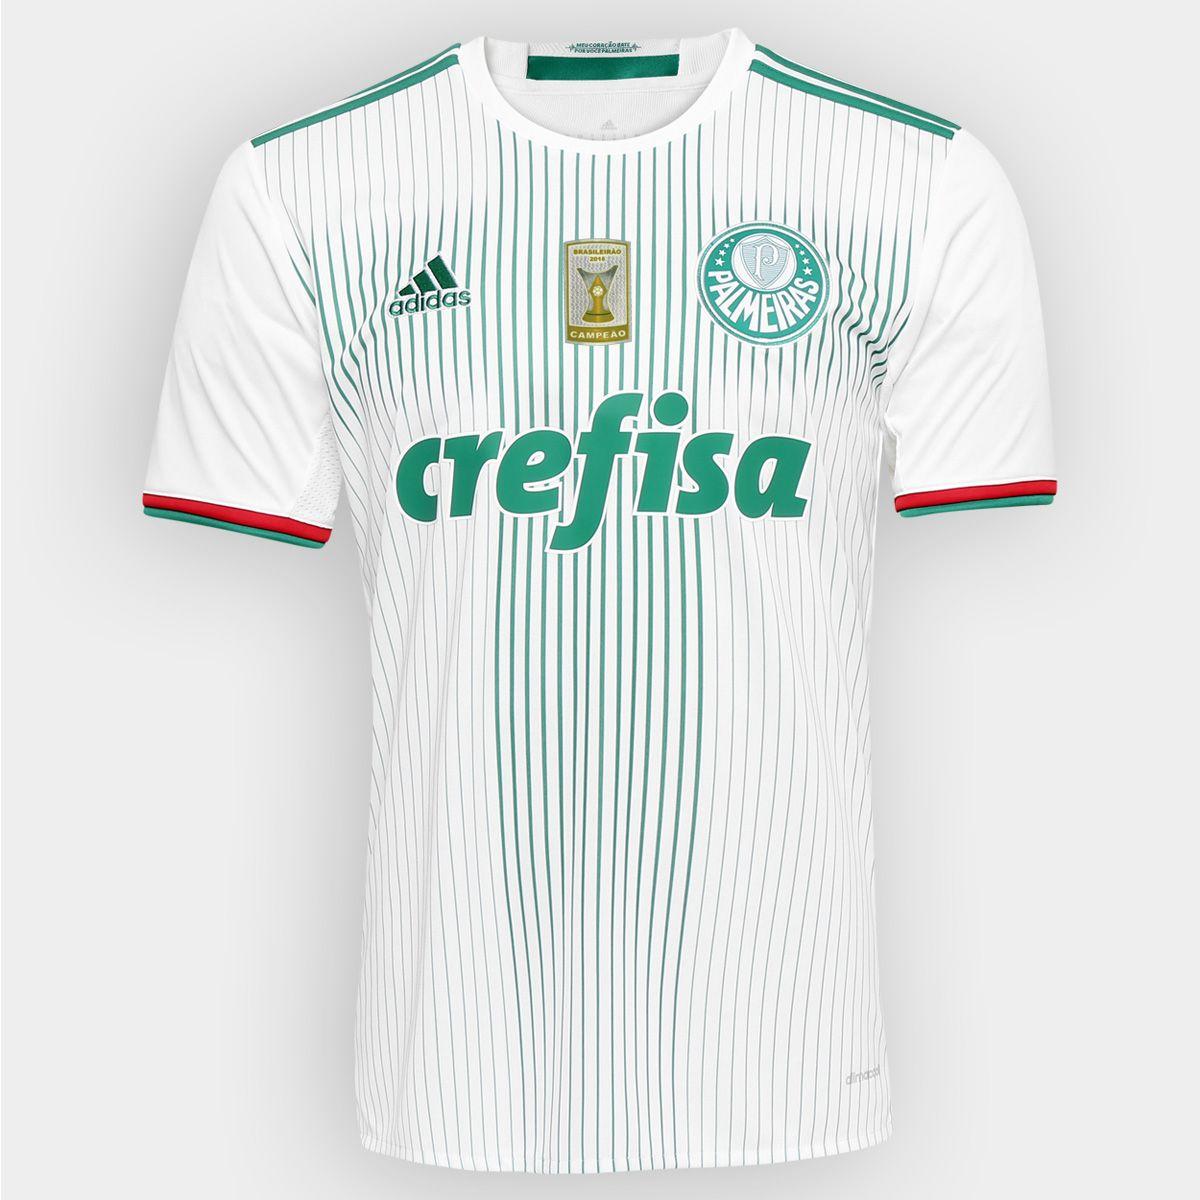 Camisa Adidas Palmeiras II 2016 s nº - Patch Campeão Brasileiro -  Branco+Verde 0a69f4317c607